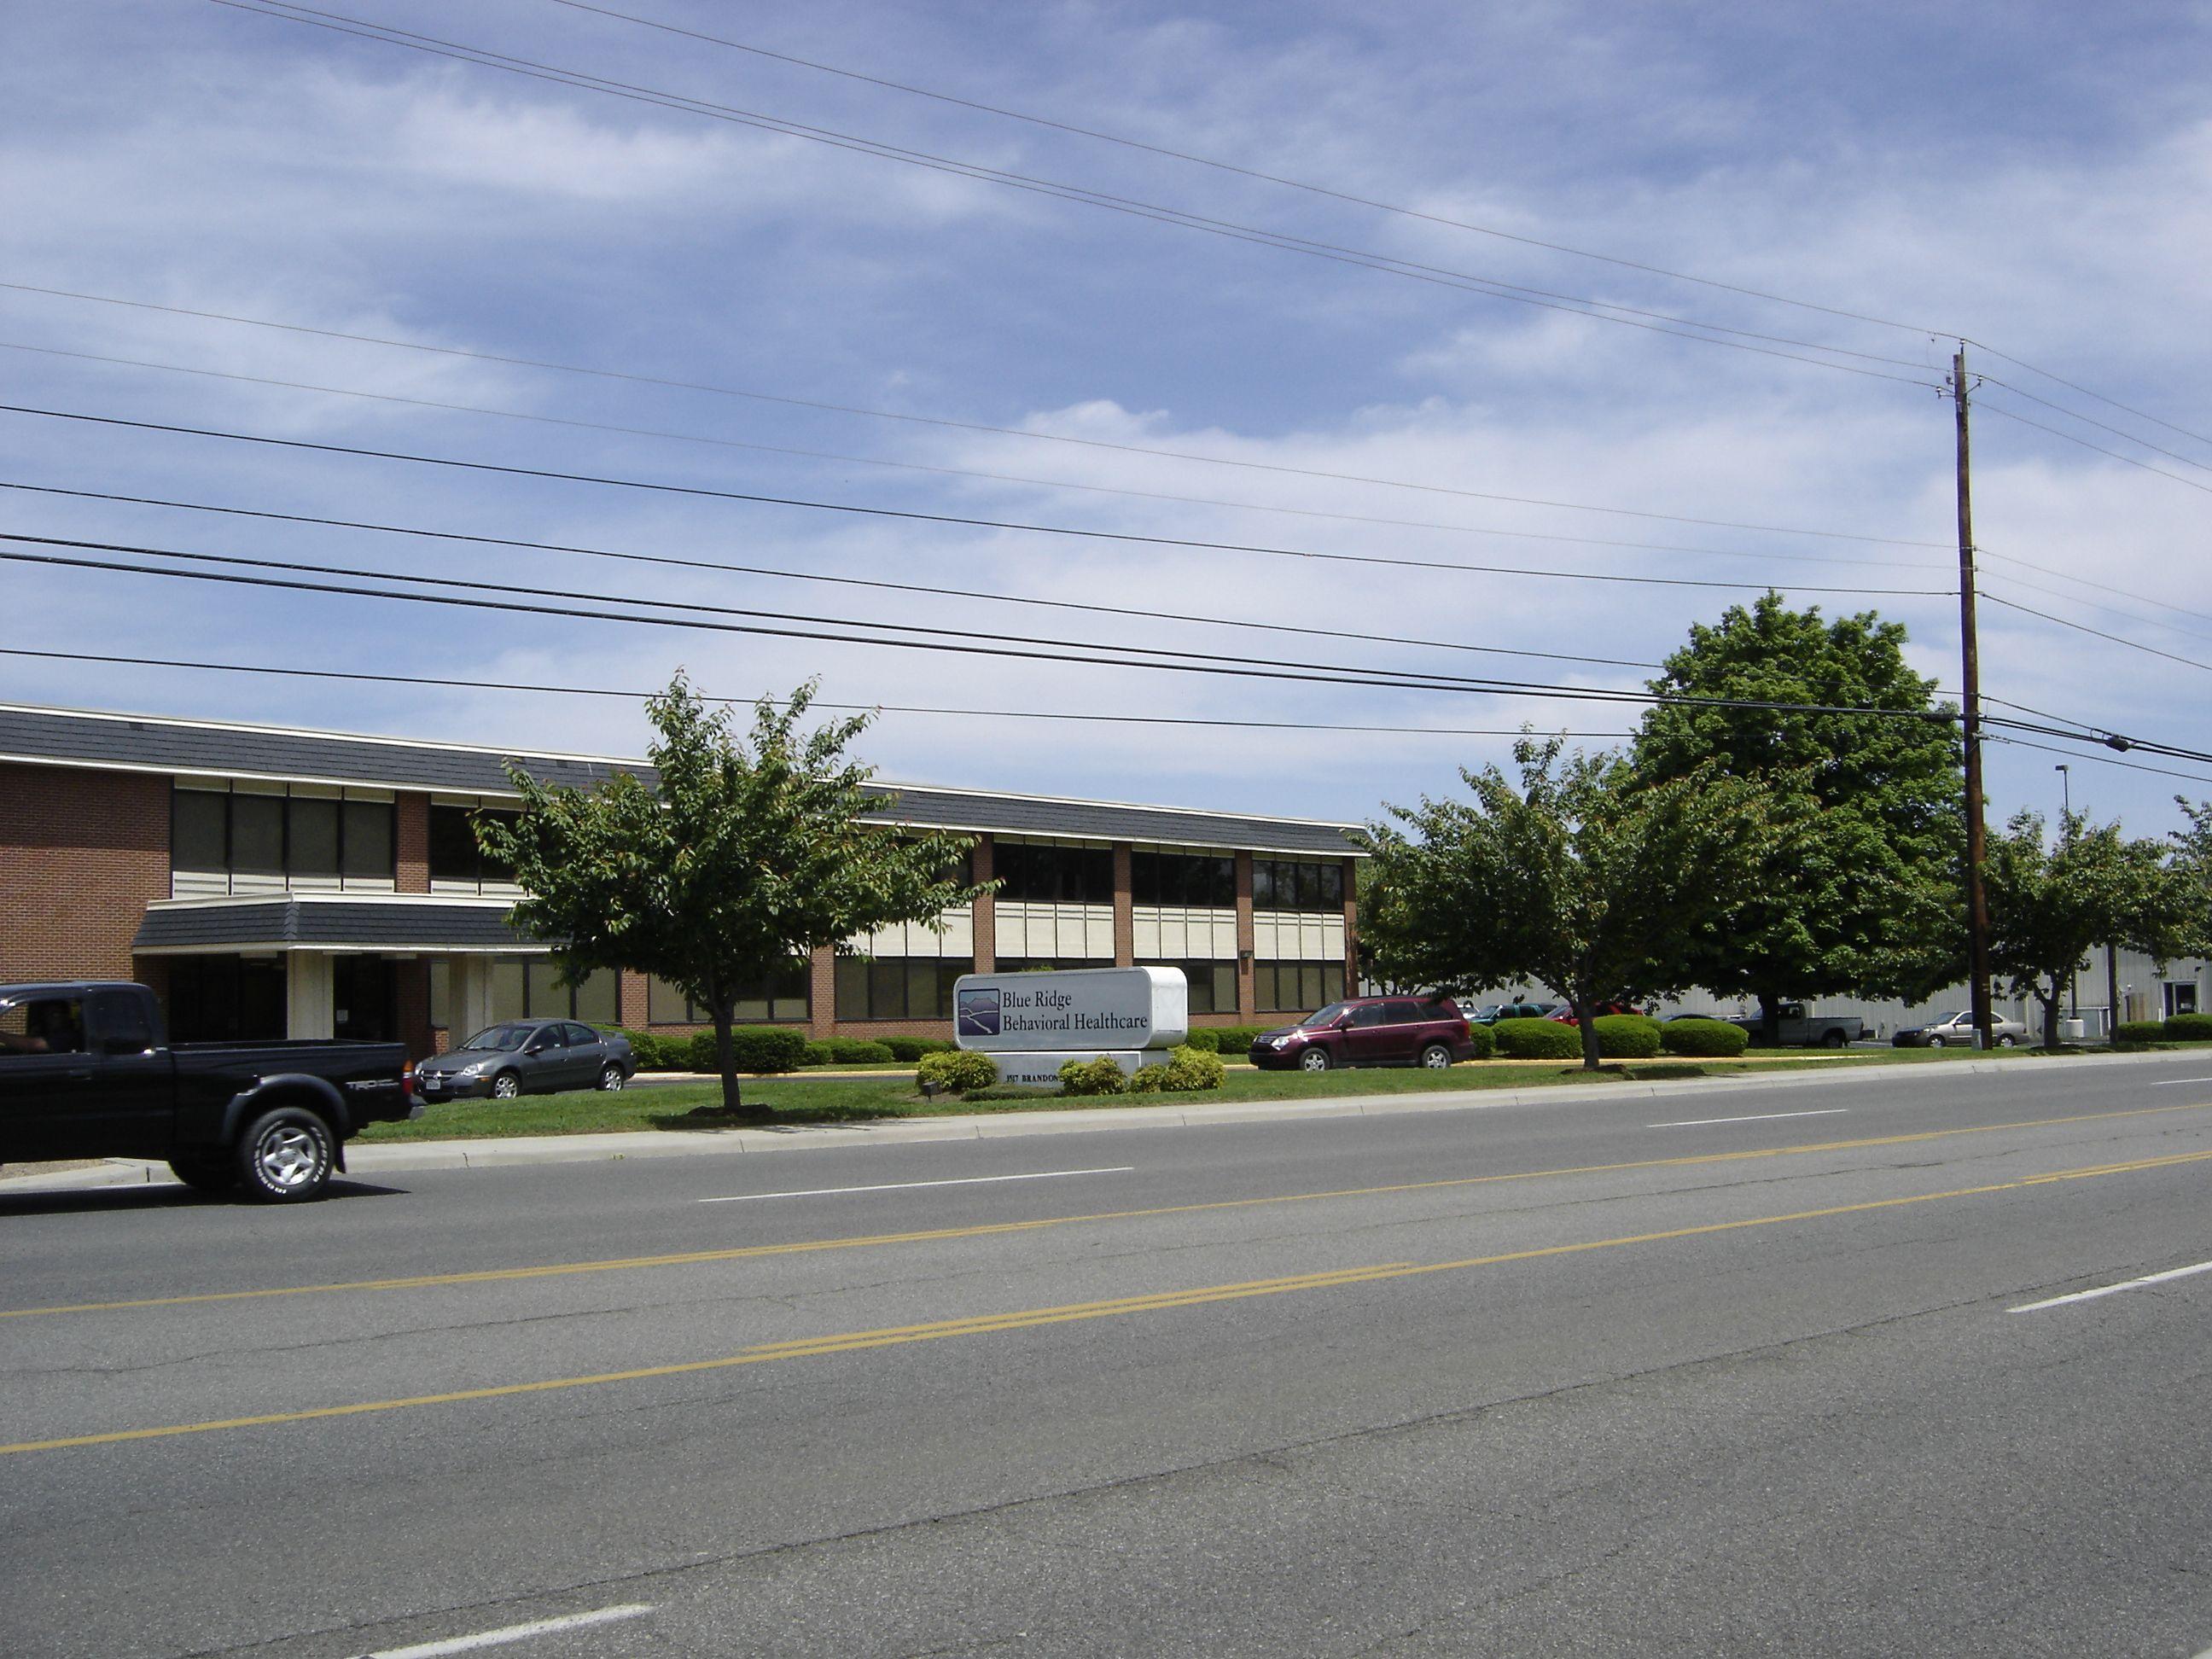 Blue Ridge Behavioral Healthcare Mb Contractors Roanoke Virginia